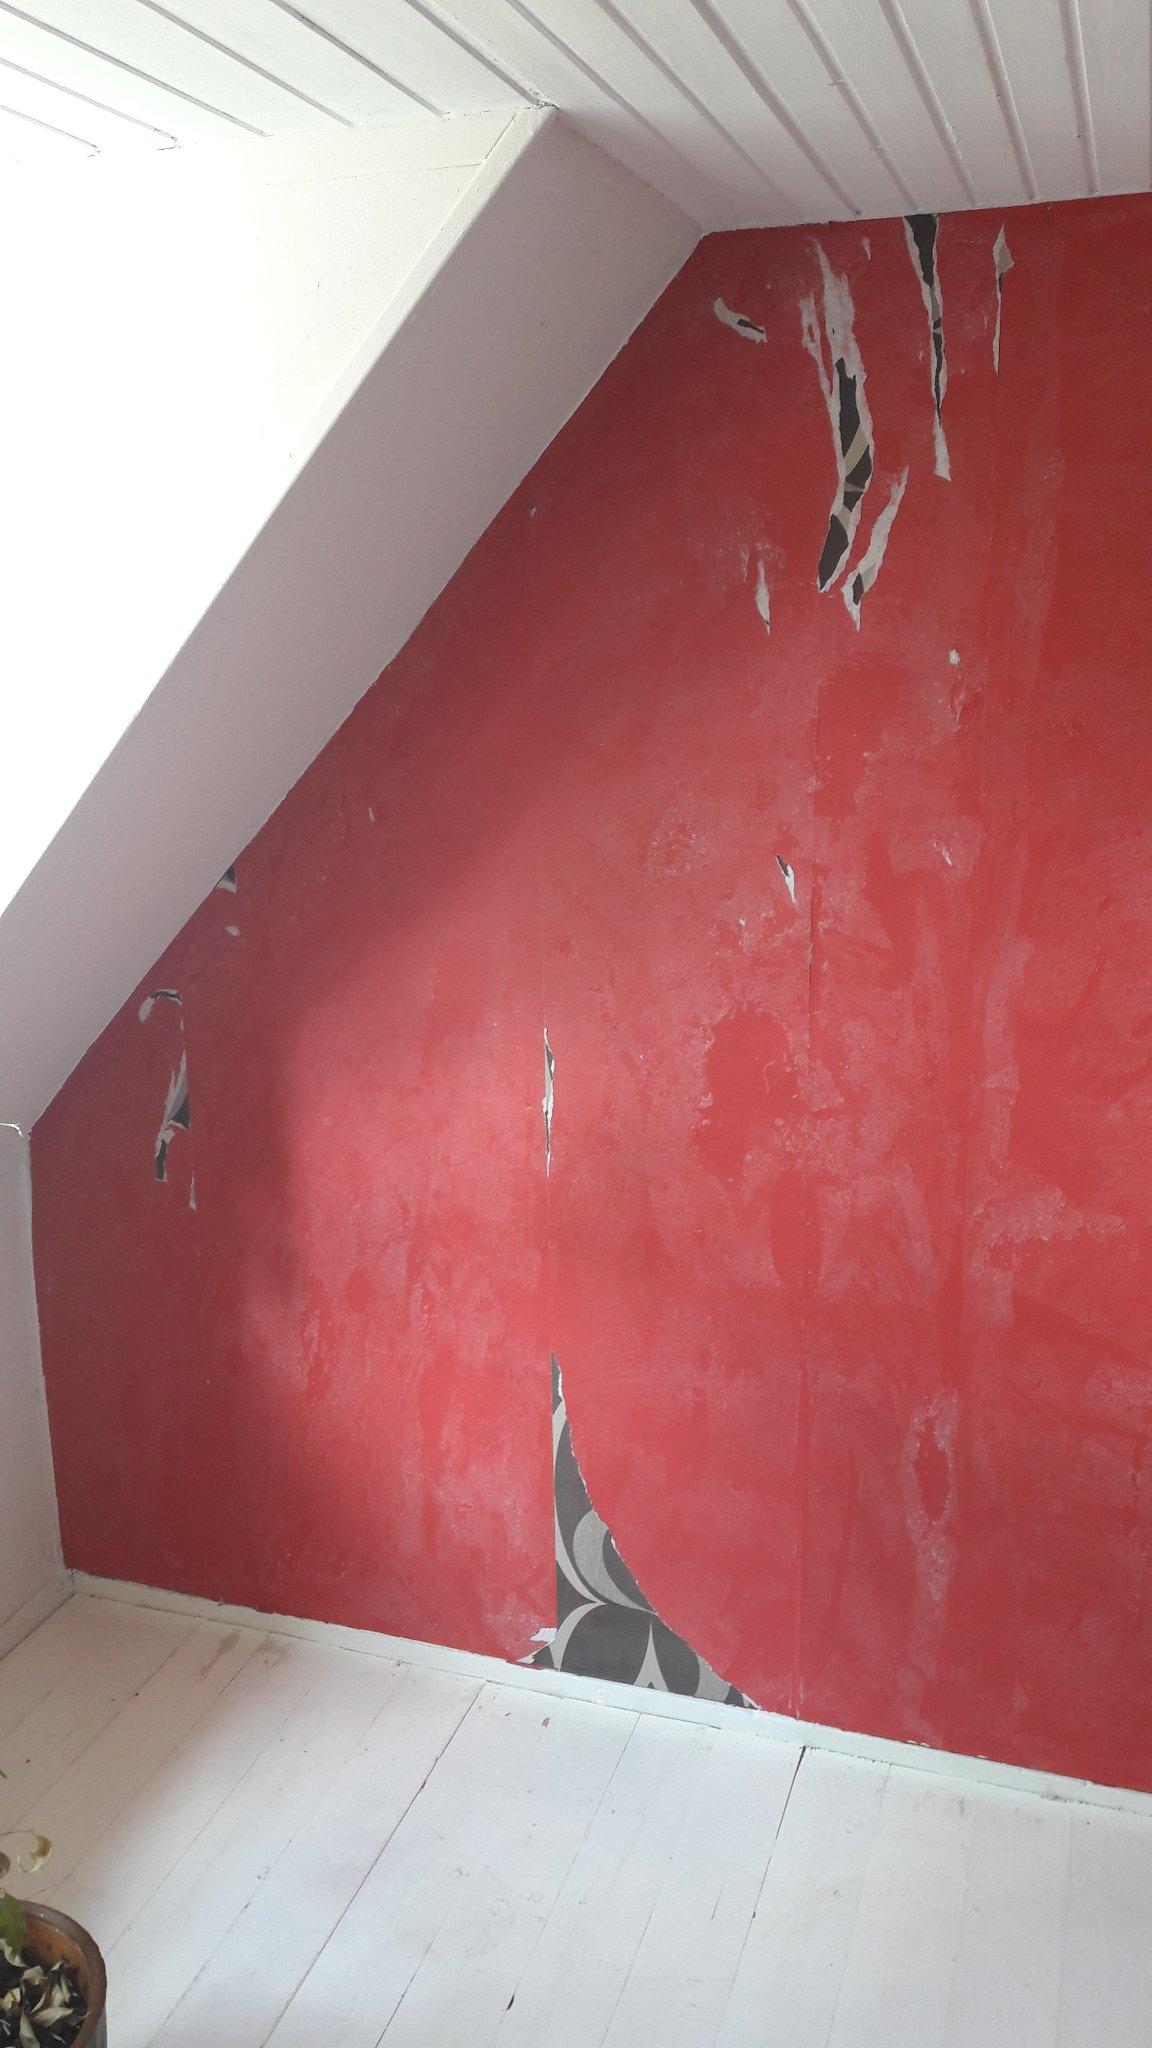 Muurtje slaapkamer geluidsisolatie plaatsen - Werkspot